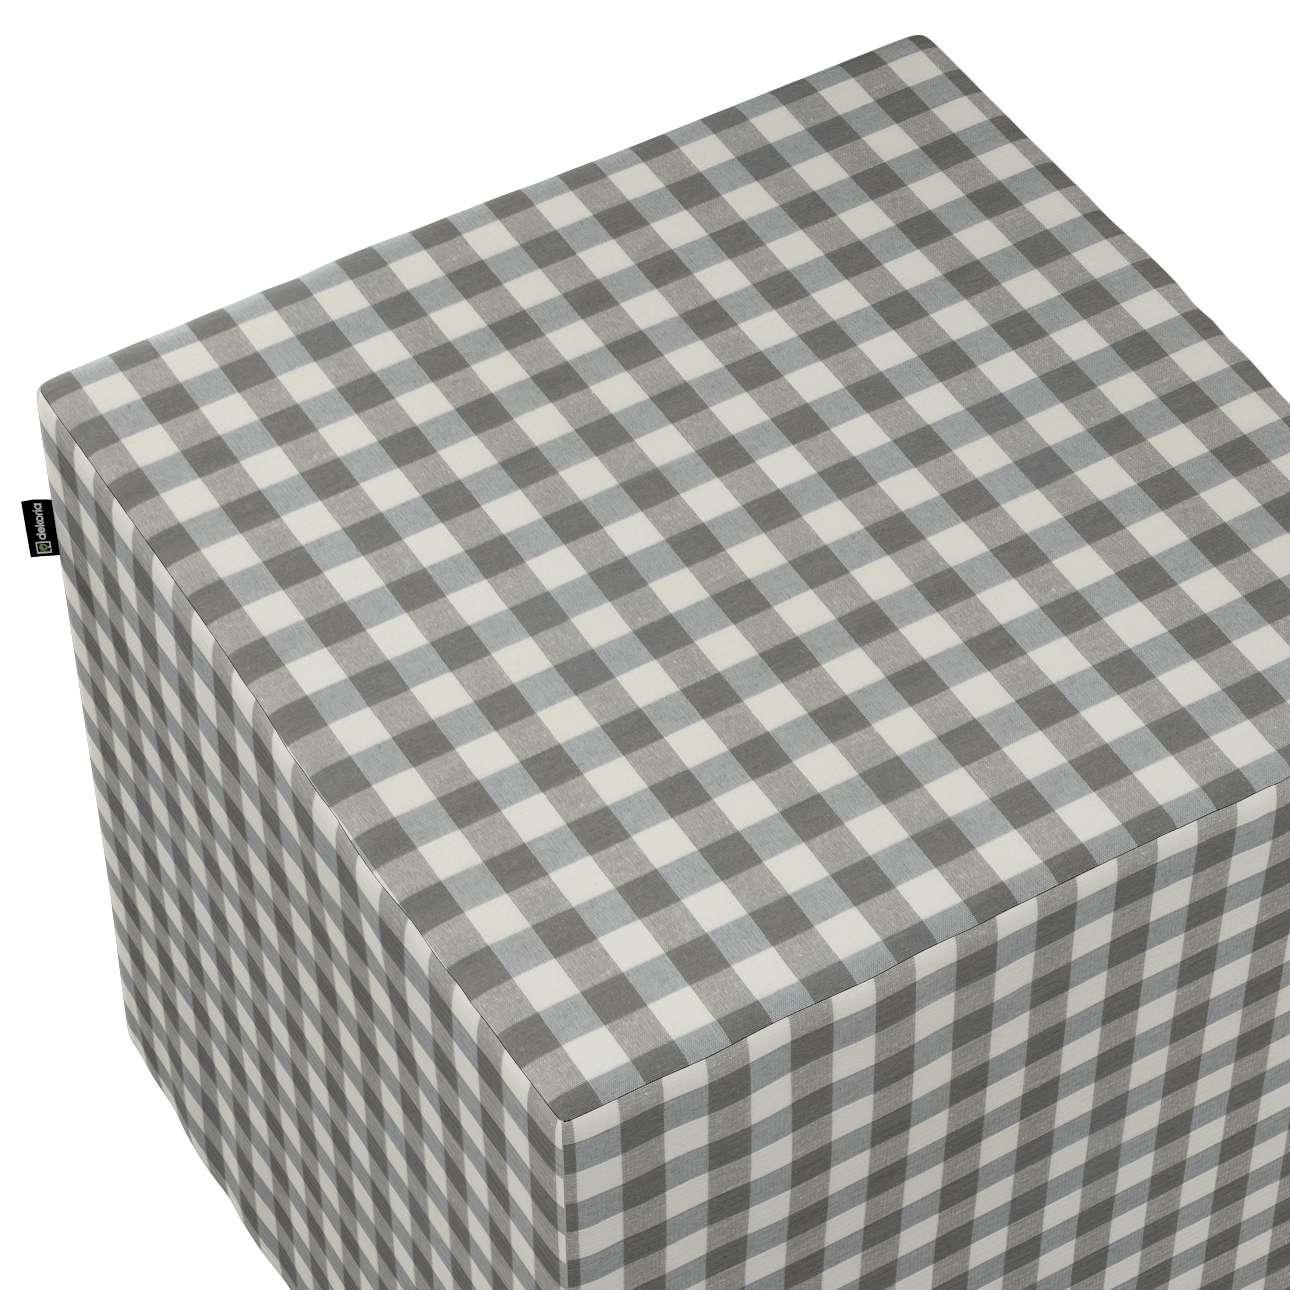 Taburetka tvrdá, kocka V kolekcii Quadro, tkanina: 136-11